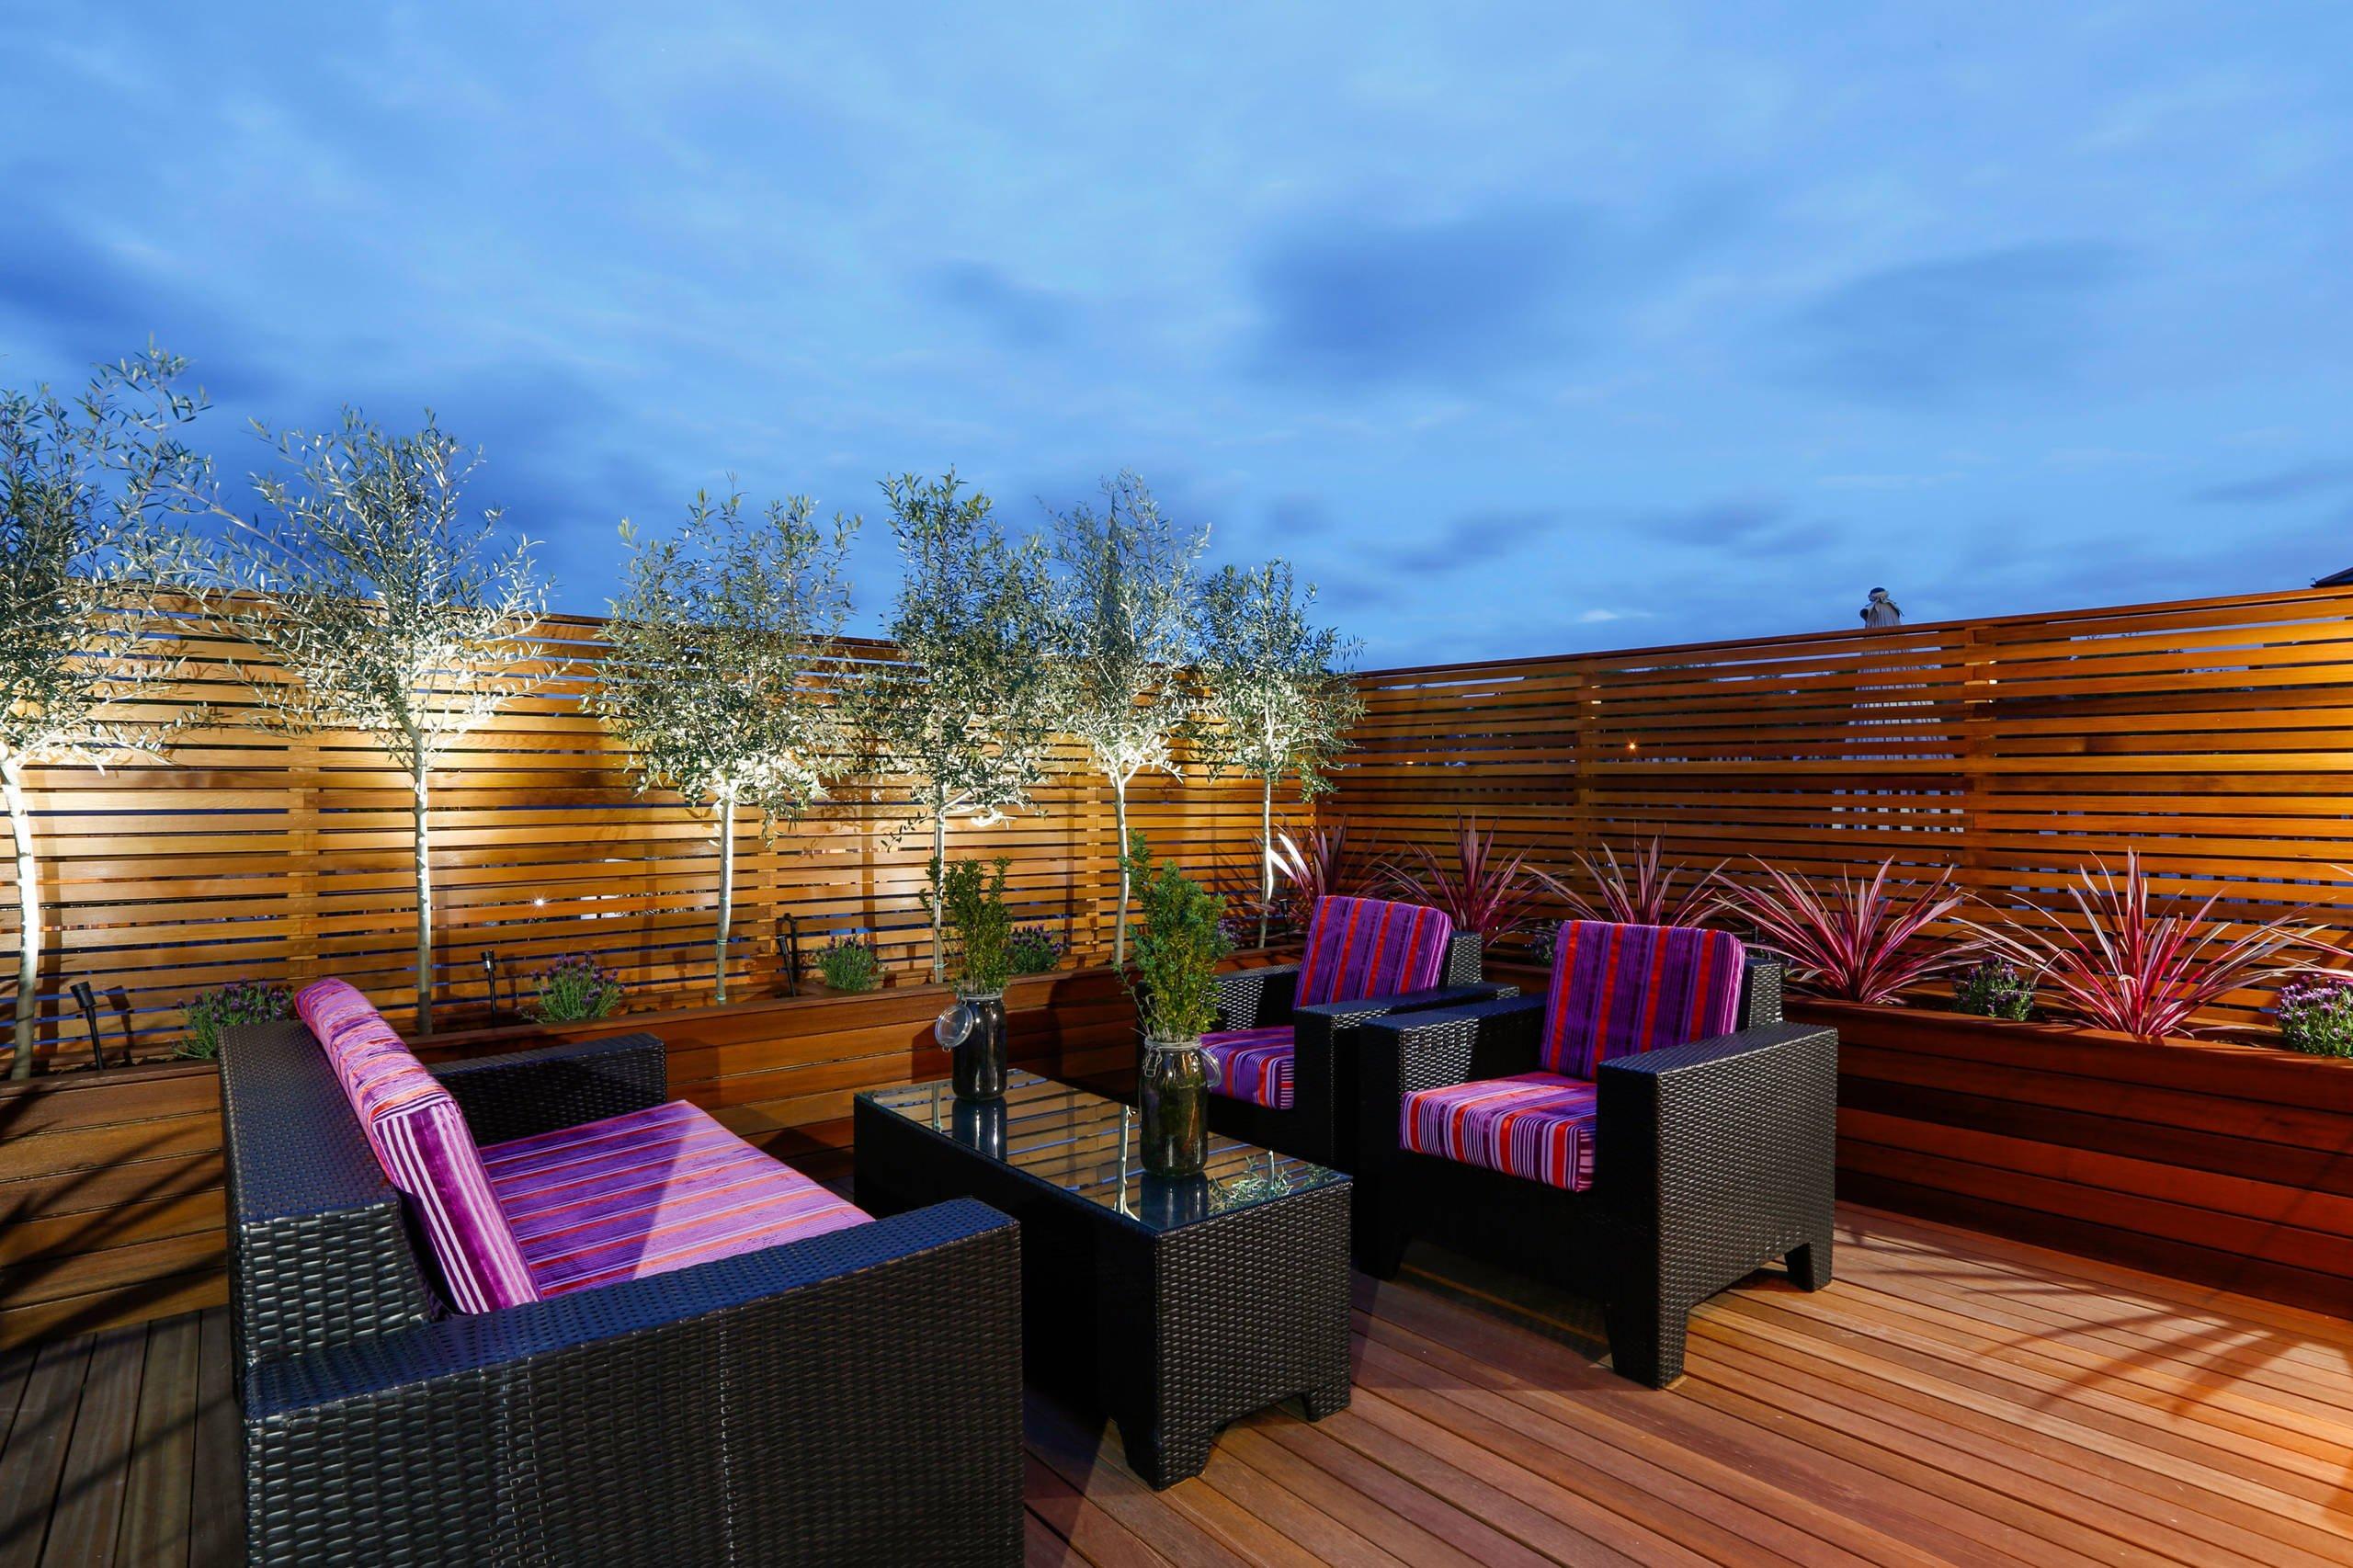 Moderne Terrassengestaltung: Die violette Farbe ist total angesagt im 2018